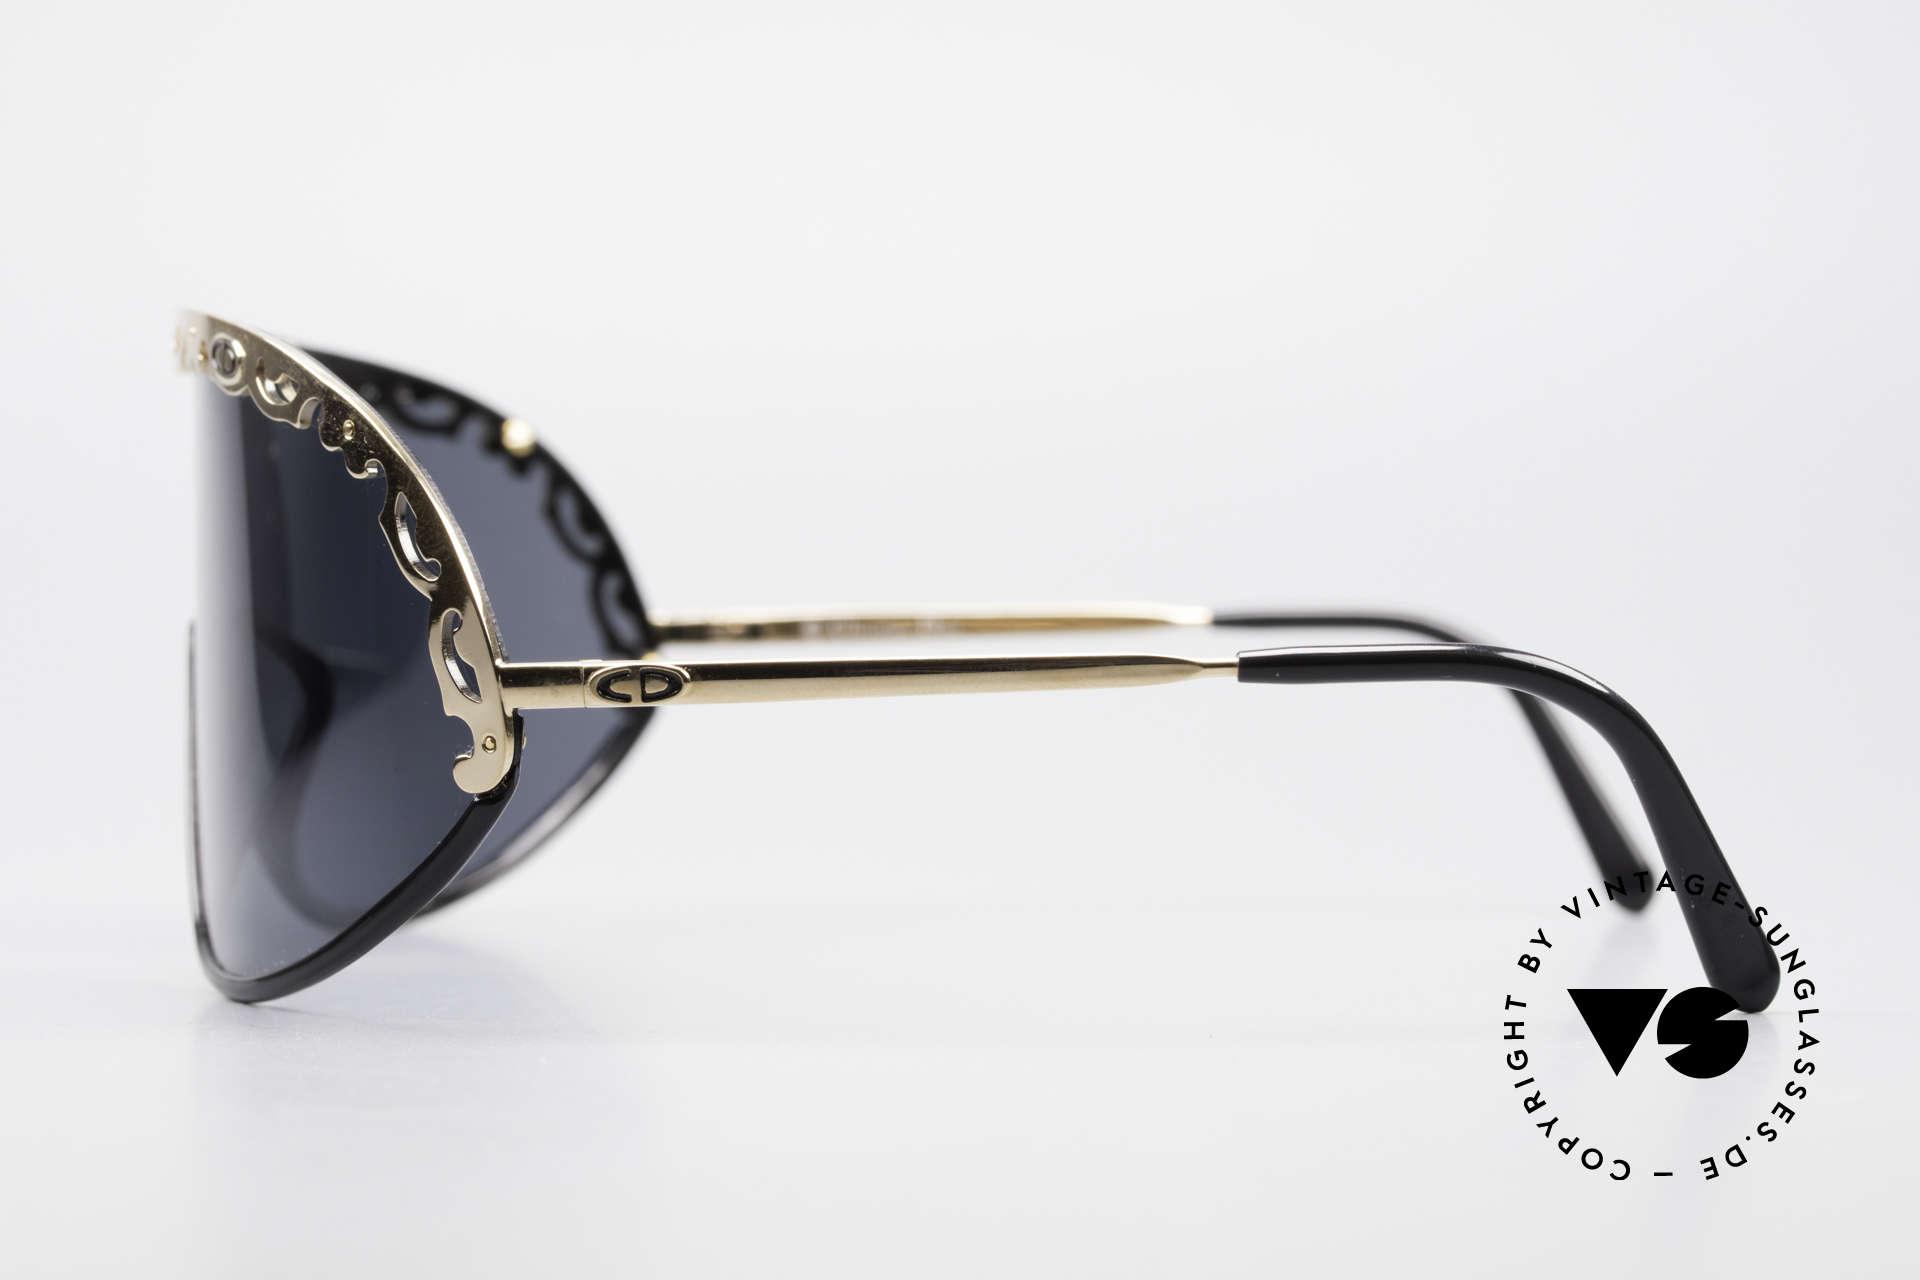 Christian Dior 2501 80er Sonnenbrille Polarized, ungetragen (wie alle unsere Chr. Dior Sonnenbrillen), Passend für Damen